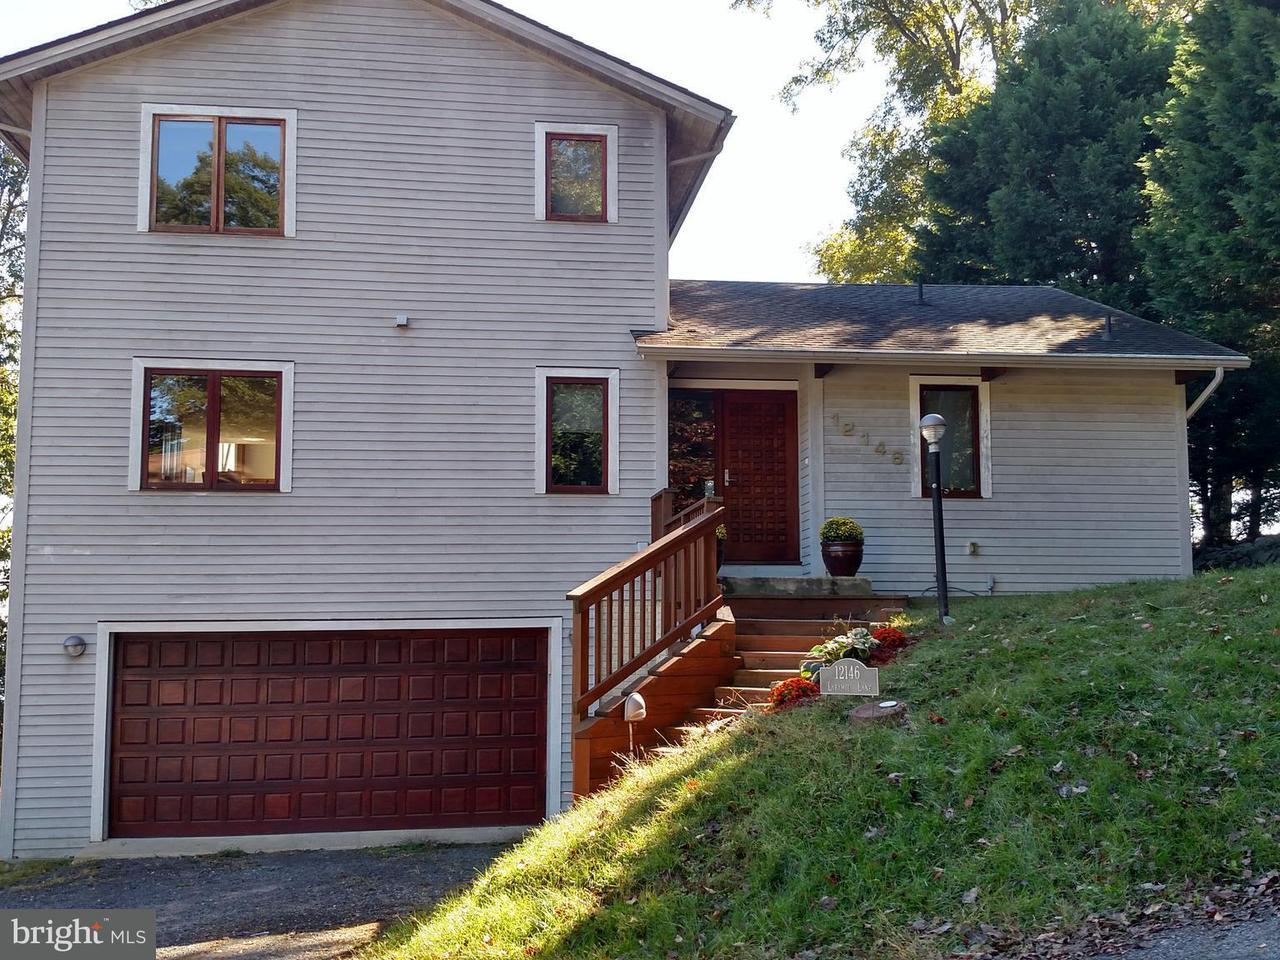 Частный односемейный дом для того Продажа на 12146 LARAMIE Lane 12146 LARAMIE Lane Lusby, Мэриленд 20657 Соединенные Штаты